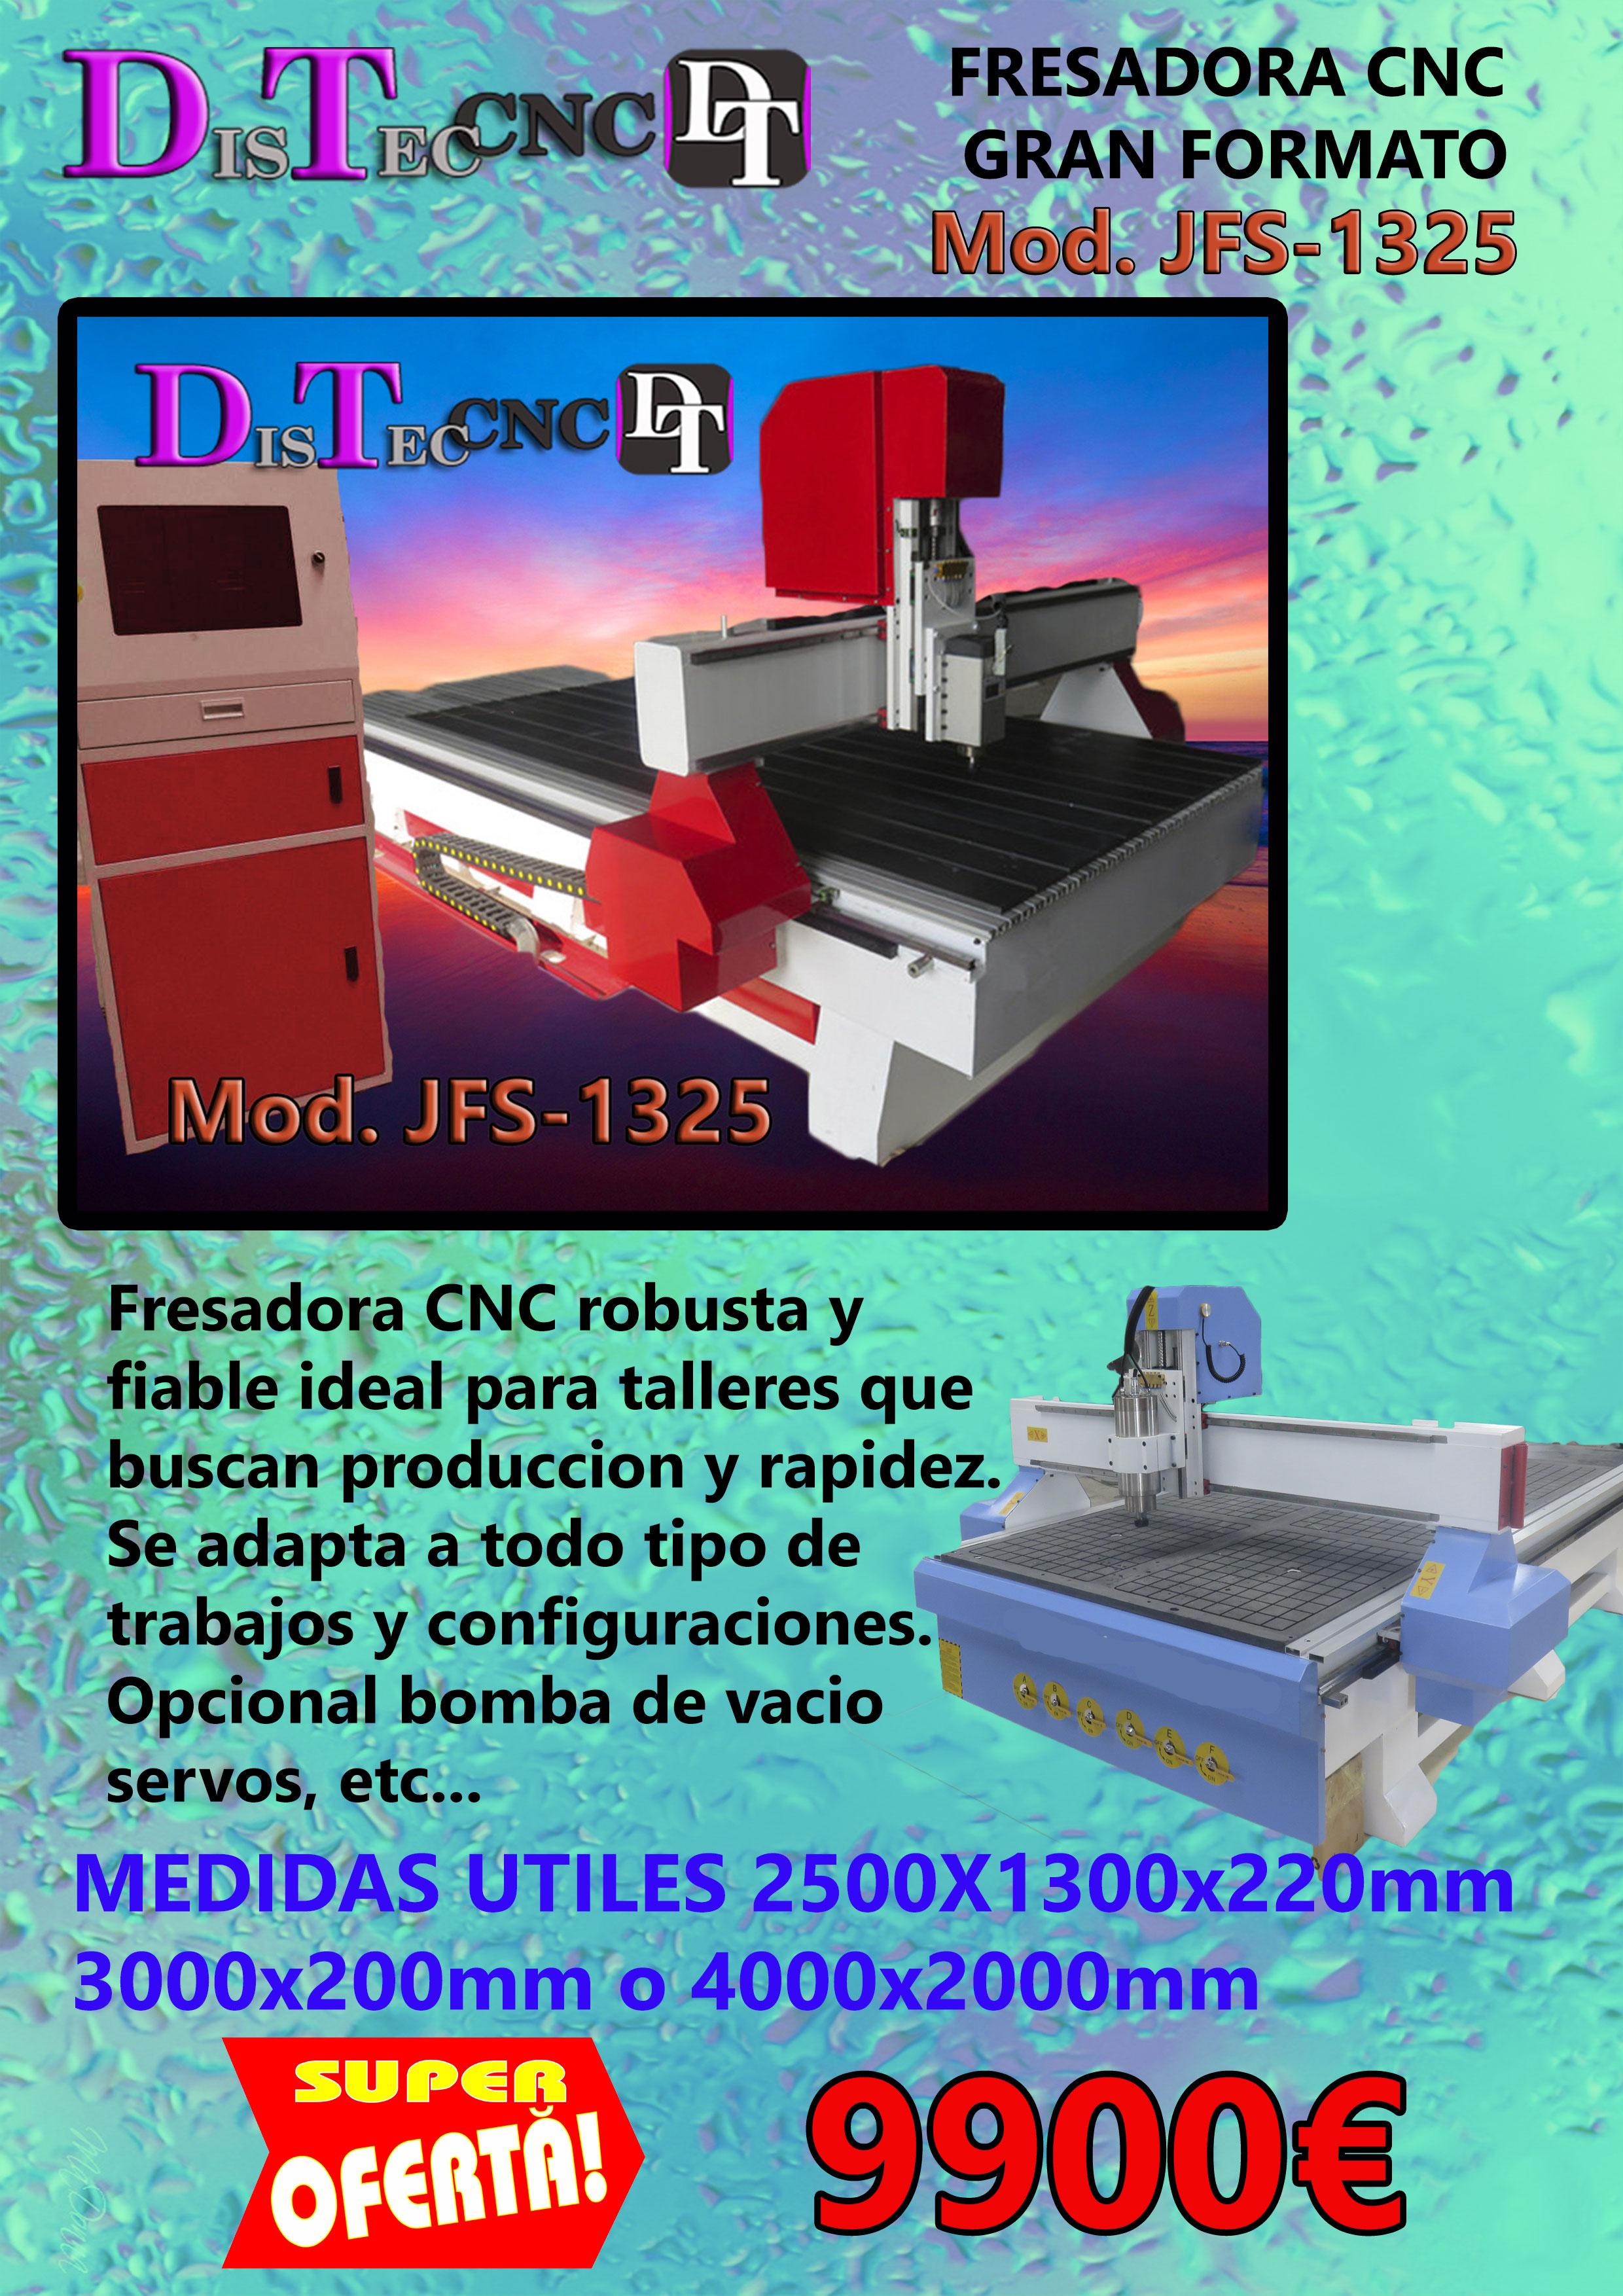 FRESADORA GRAN FORMATO - DISTEC CNC, Formación, asesoramiento y ...